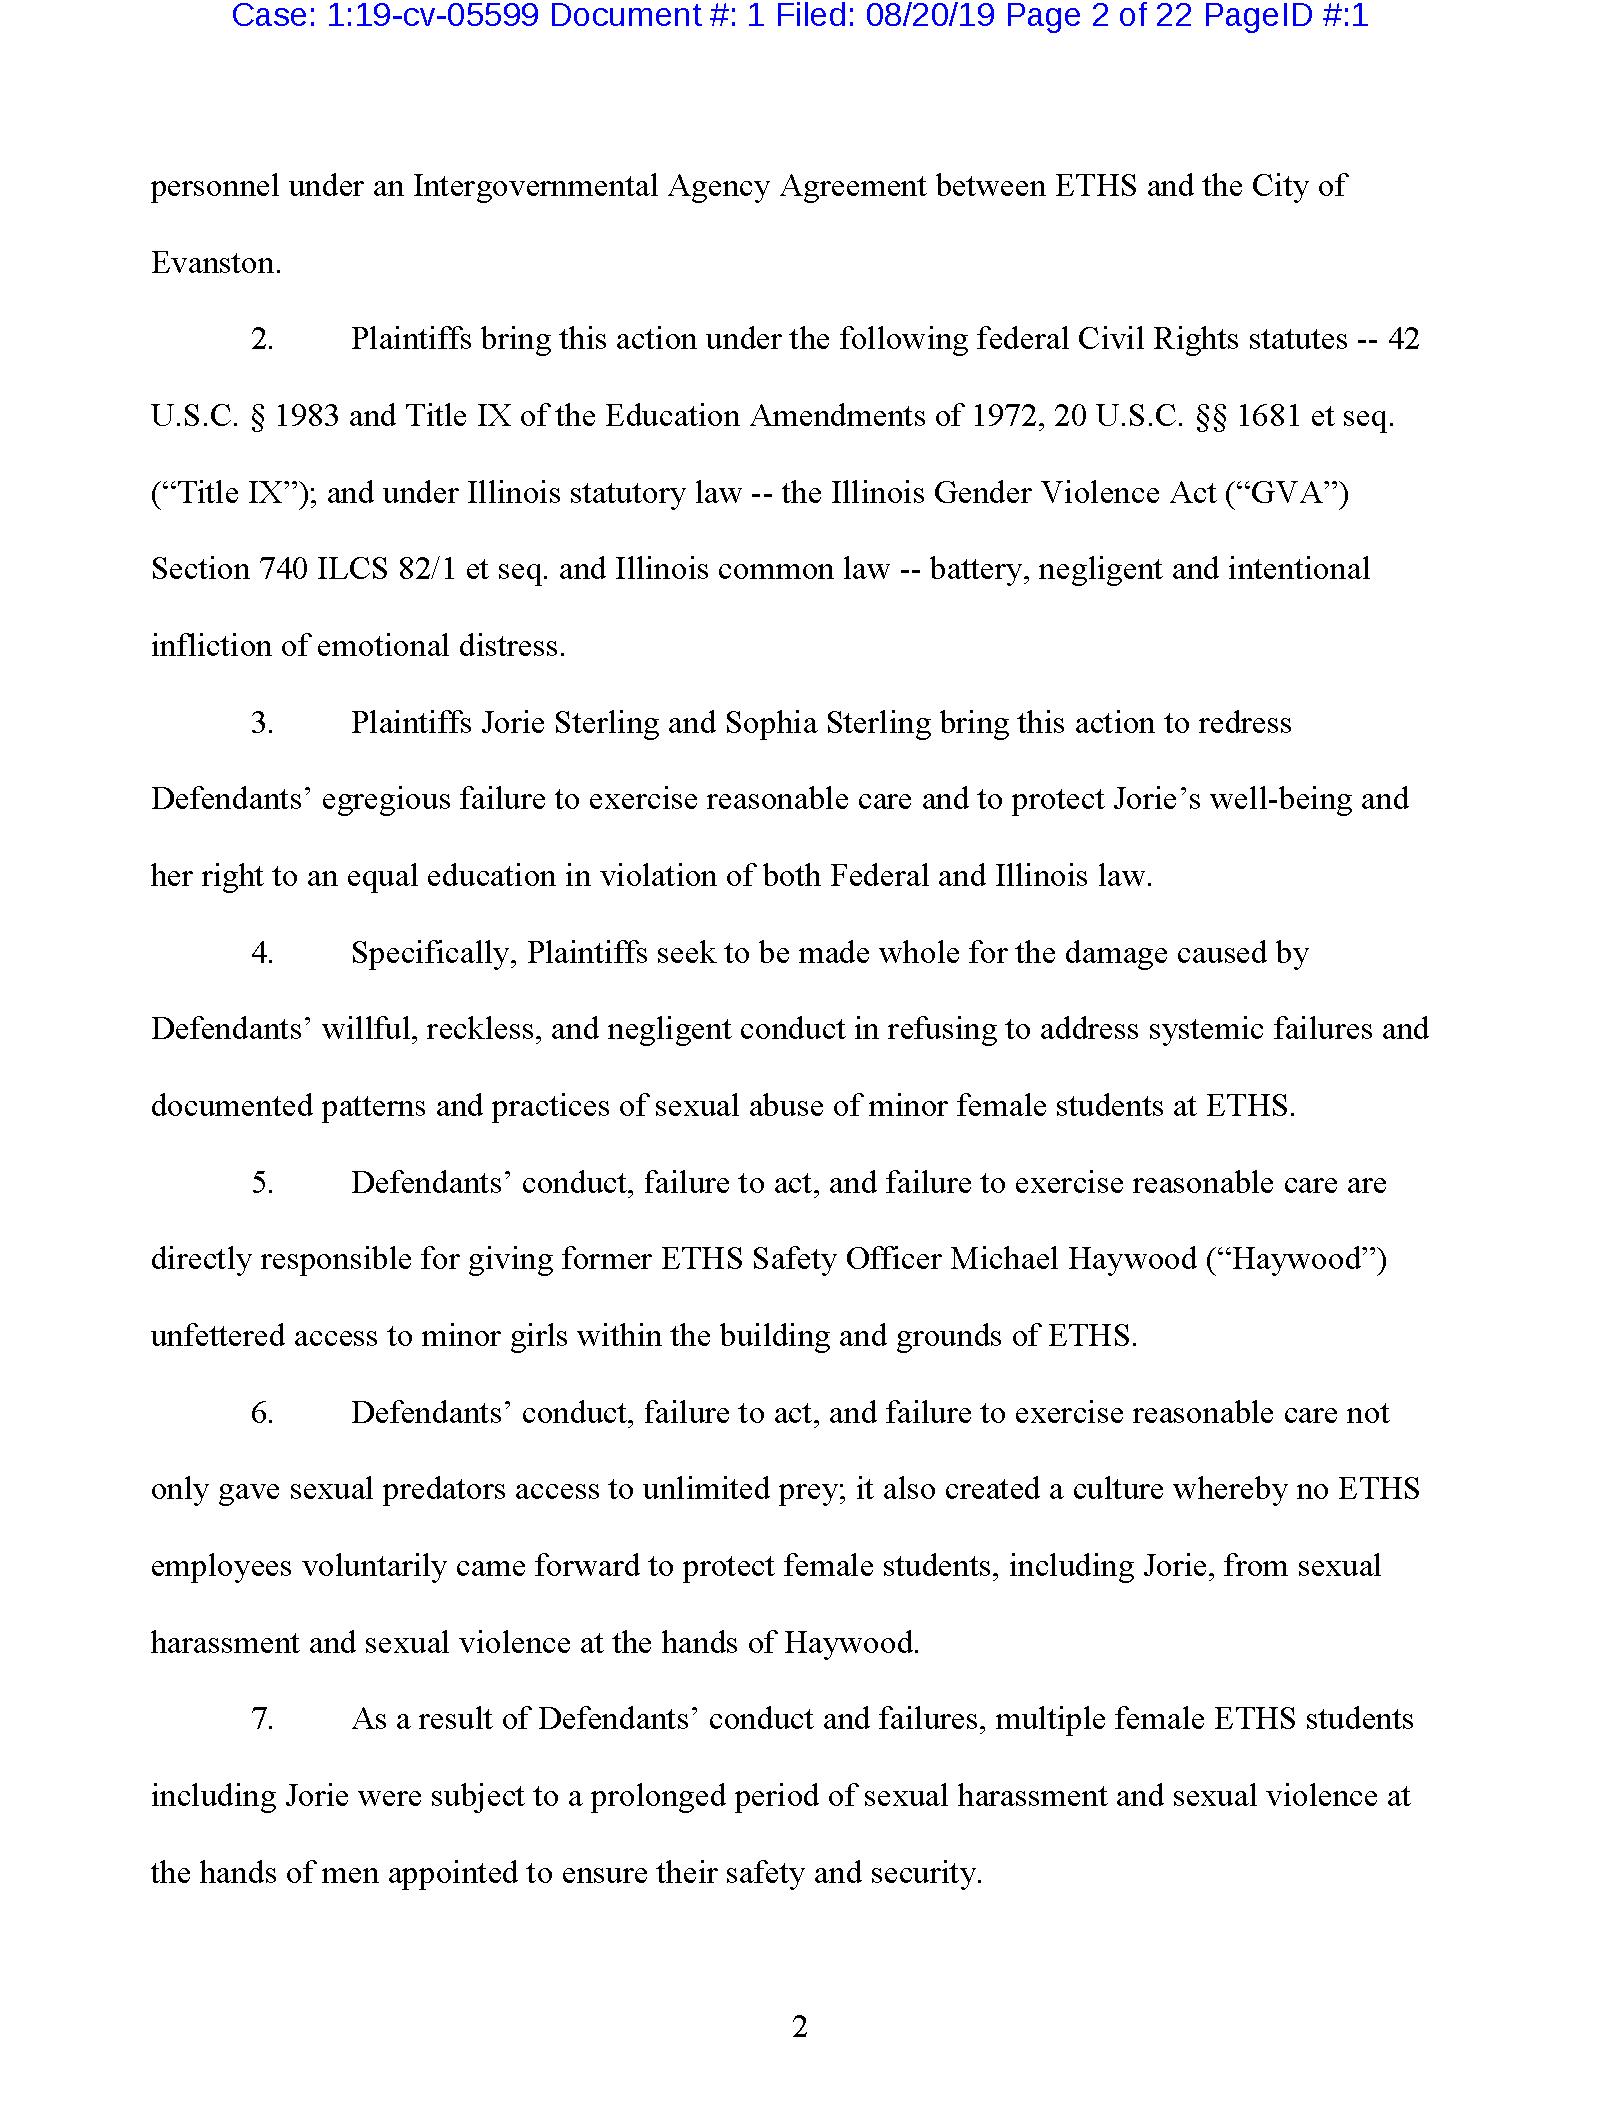 Copy of Complaint0102.png